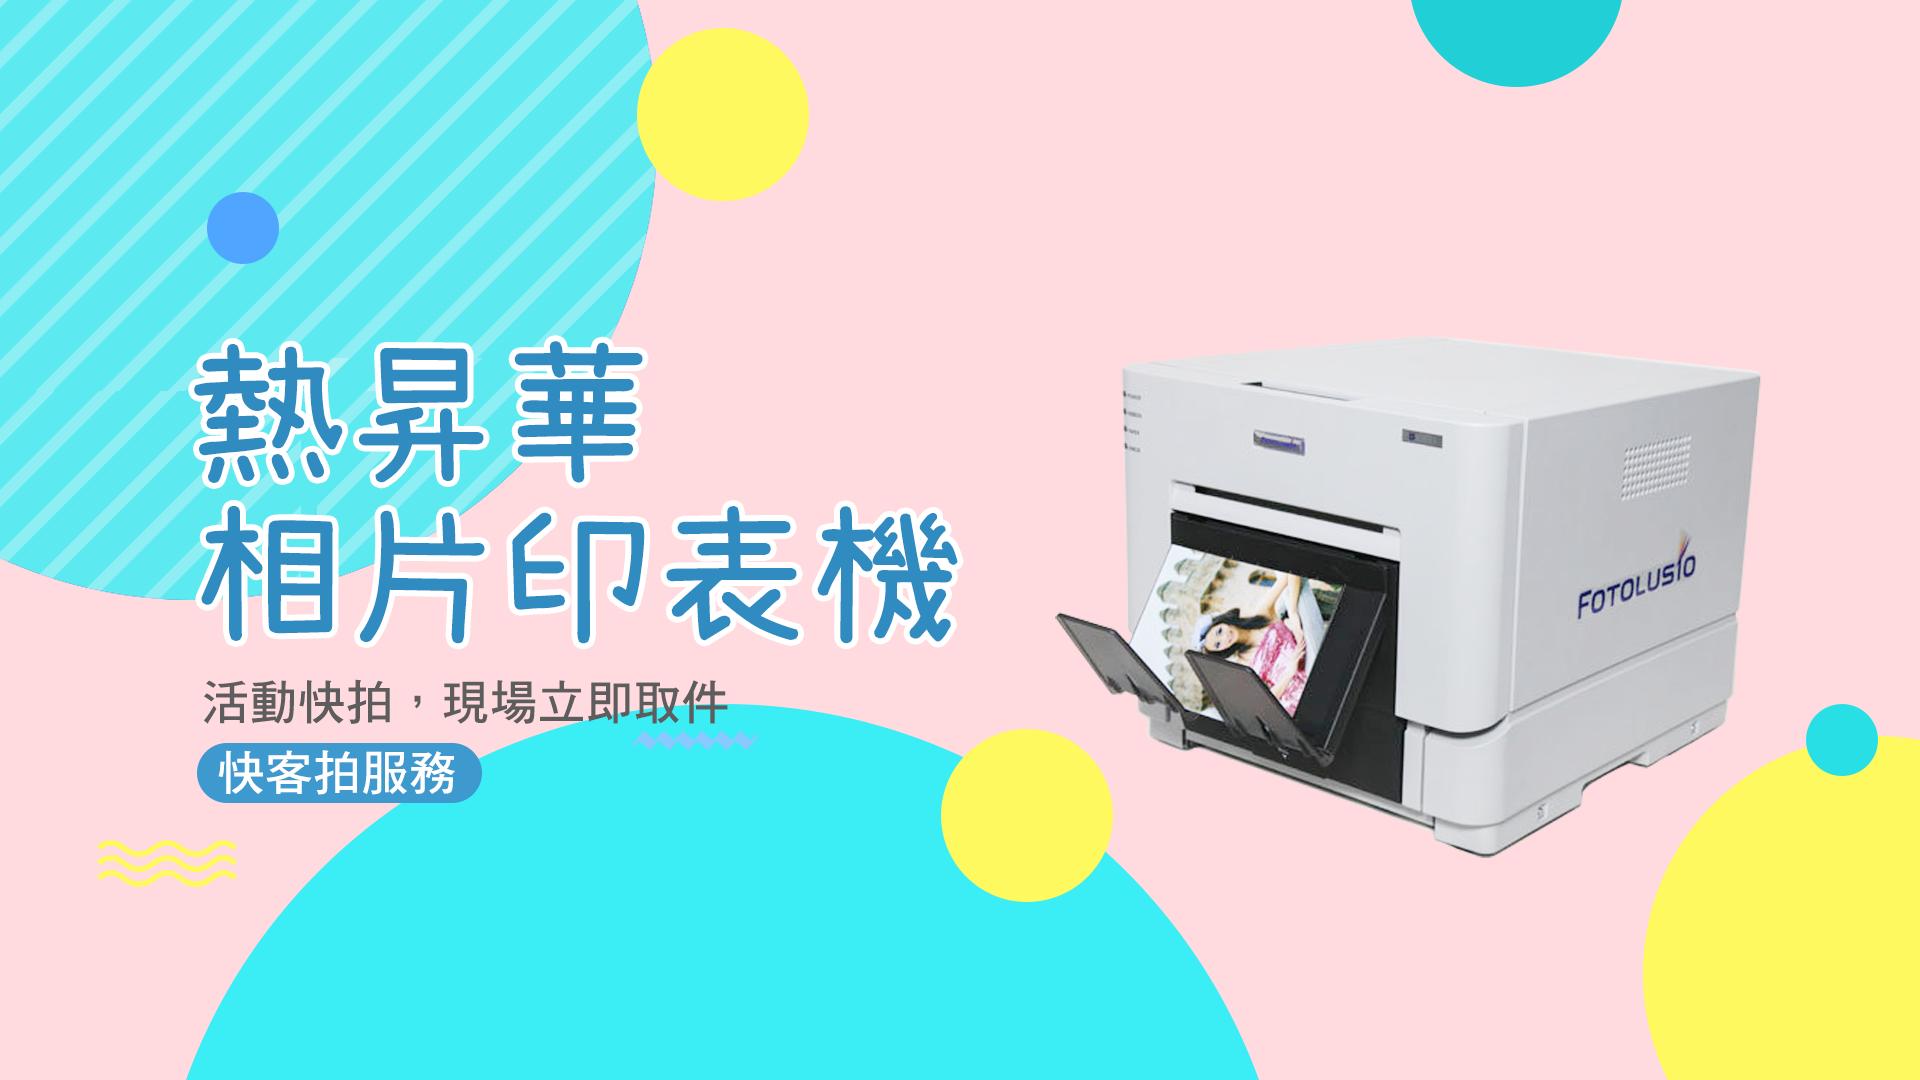 奇虹快客拍|即時影像沖印服務|婚禮紀念、商務活動、校園活動|熱昇華相片印表機